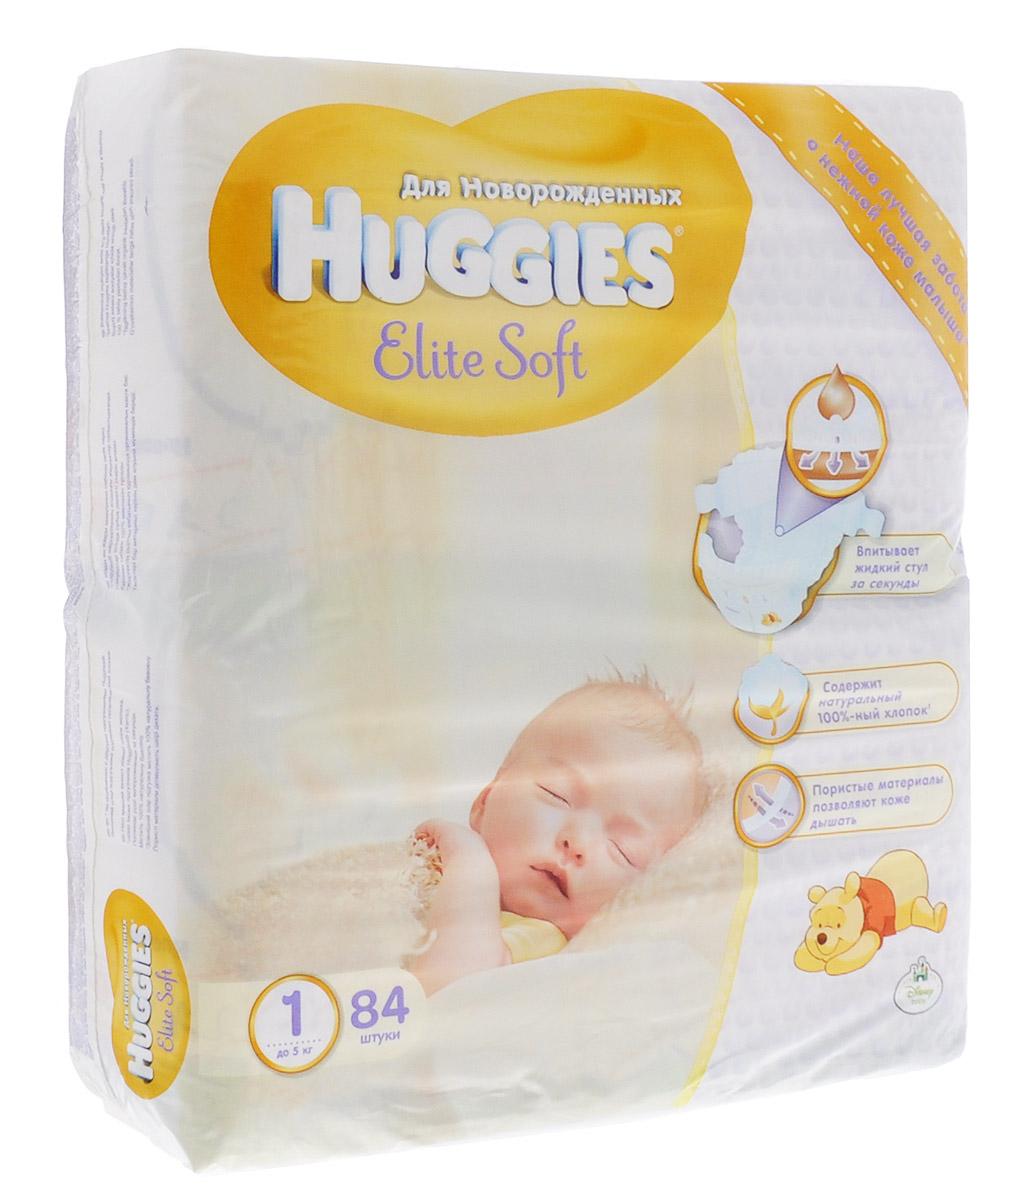 Huggies Подгузники Elite Soft до 5 кг (размер 1) 84 шт9400842Подгузники Huggies Elite Soft для новорожденных - самая мягкая забота о нежной коже малыша! Особенная улучшенная мягкость внутри подгузника. Новые мягкие подушечки создают надежную преграду между кожей малыша и жидким стулом. Абсолютная впитываемость. Новый супермягкий слой SoftAbsorb впитывает жидкий стул и влагу за секунды, помогая сохранить кожу малыша сухой. Идеальное прилегание. Суперэластичный поясок обеспечивает плотное, но вместе с этим ультрамягкое прилегание к коже малыша. Удобные застежки легко застегиваются в любом месте подгузника. Натуральные материалы. Натуральный 100% хлопок. Технология производства с использованием гиппоаллергенных пористых материалов позволяет коже малыша дышать. Имеют индикатор влаги: цвет индикатора темнеет, когда приходит время сменить подгузник. Подгузники Huggies Elite Soft нежные, как мамино прикосновение!